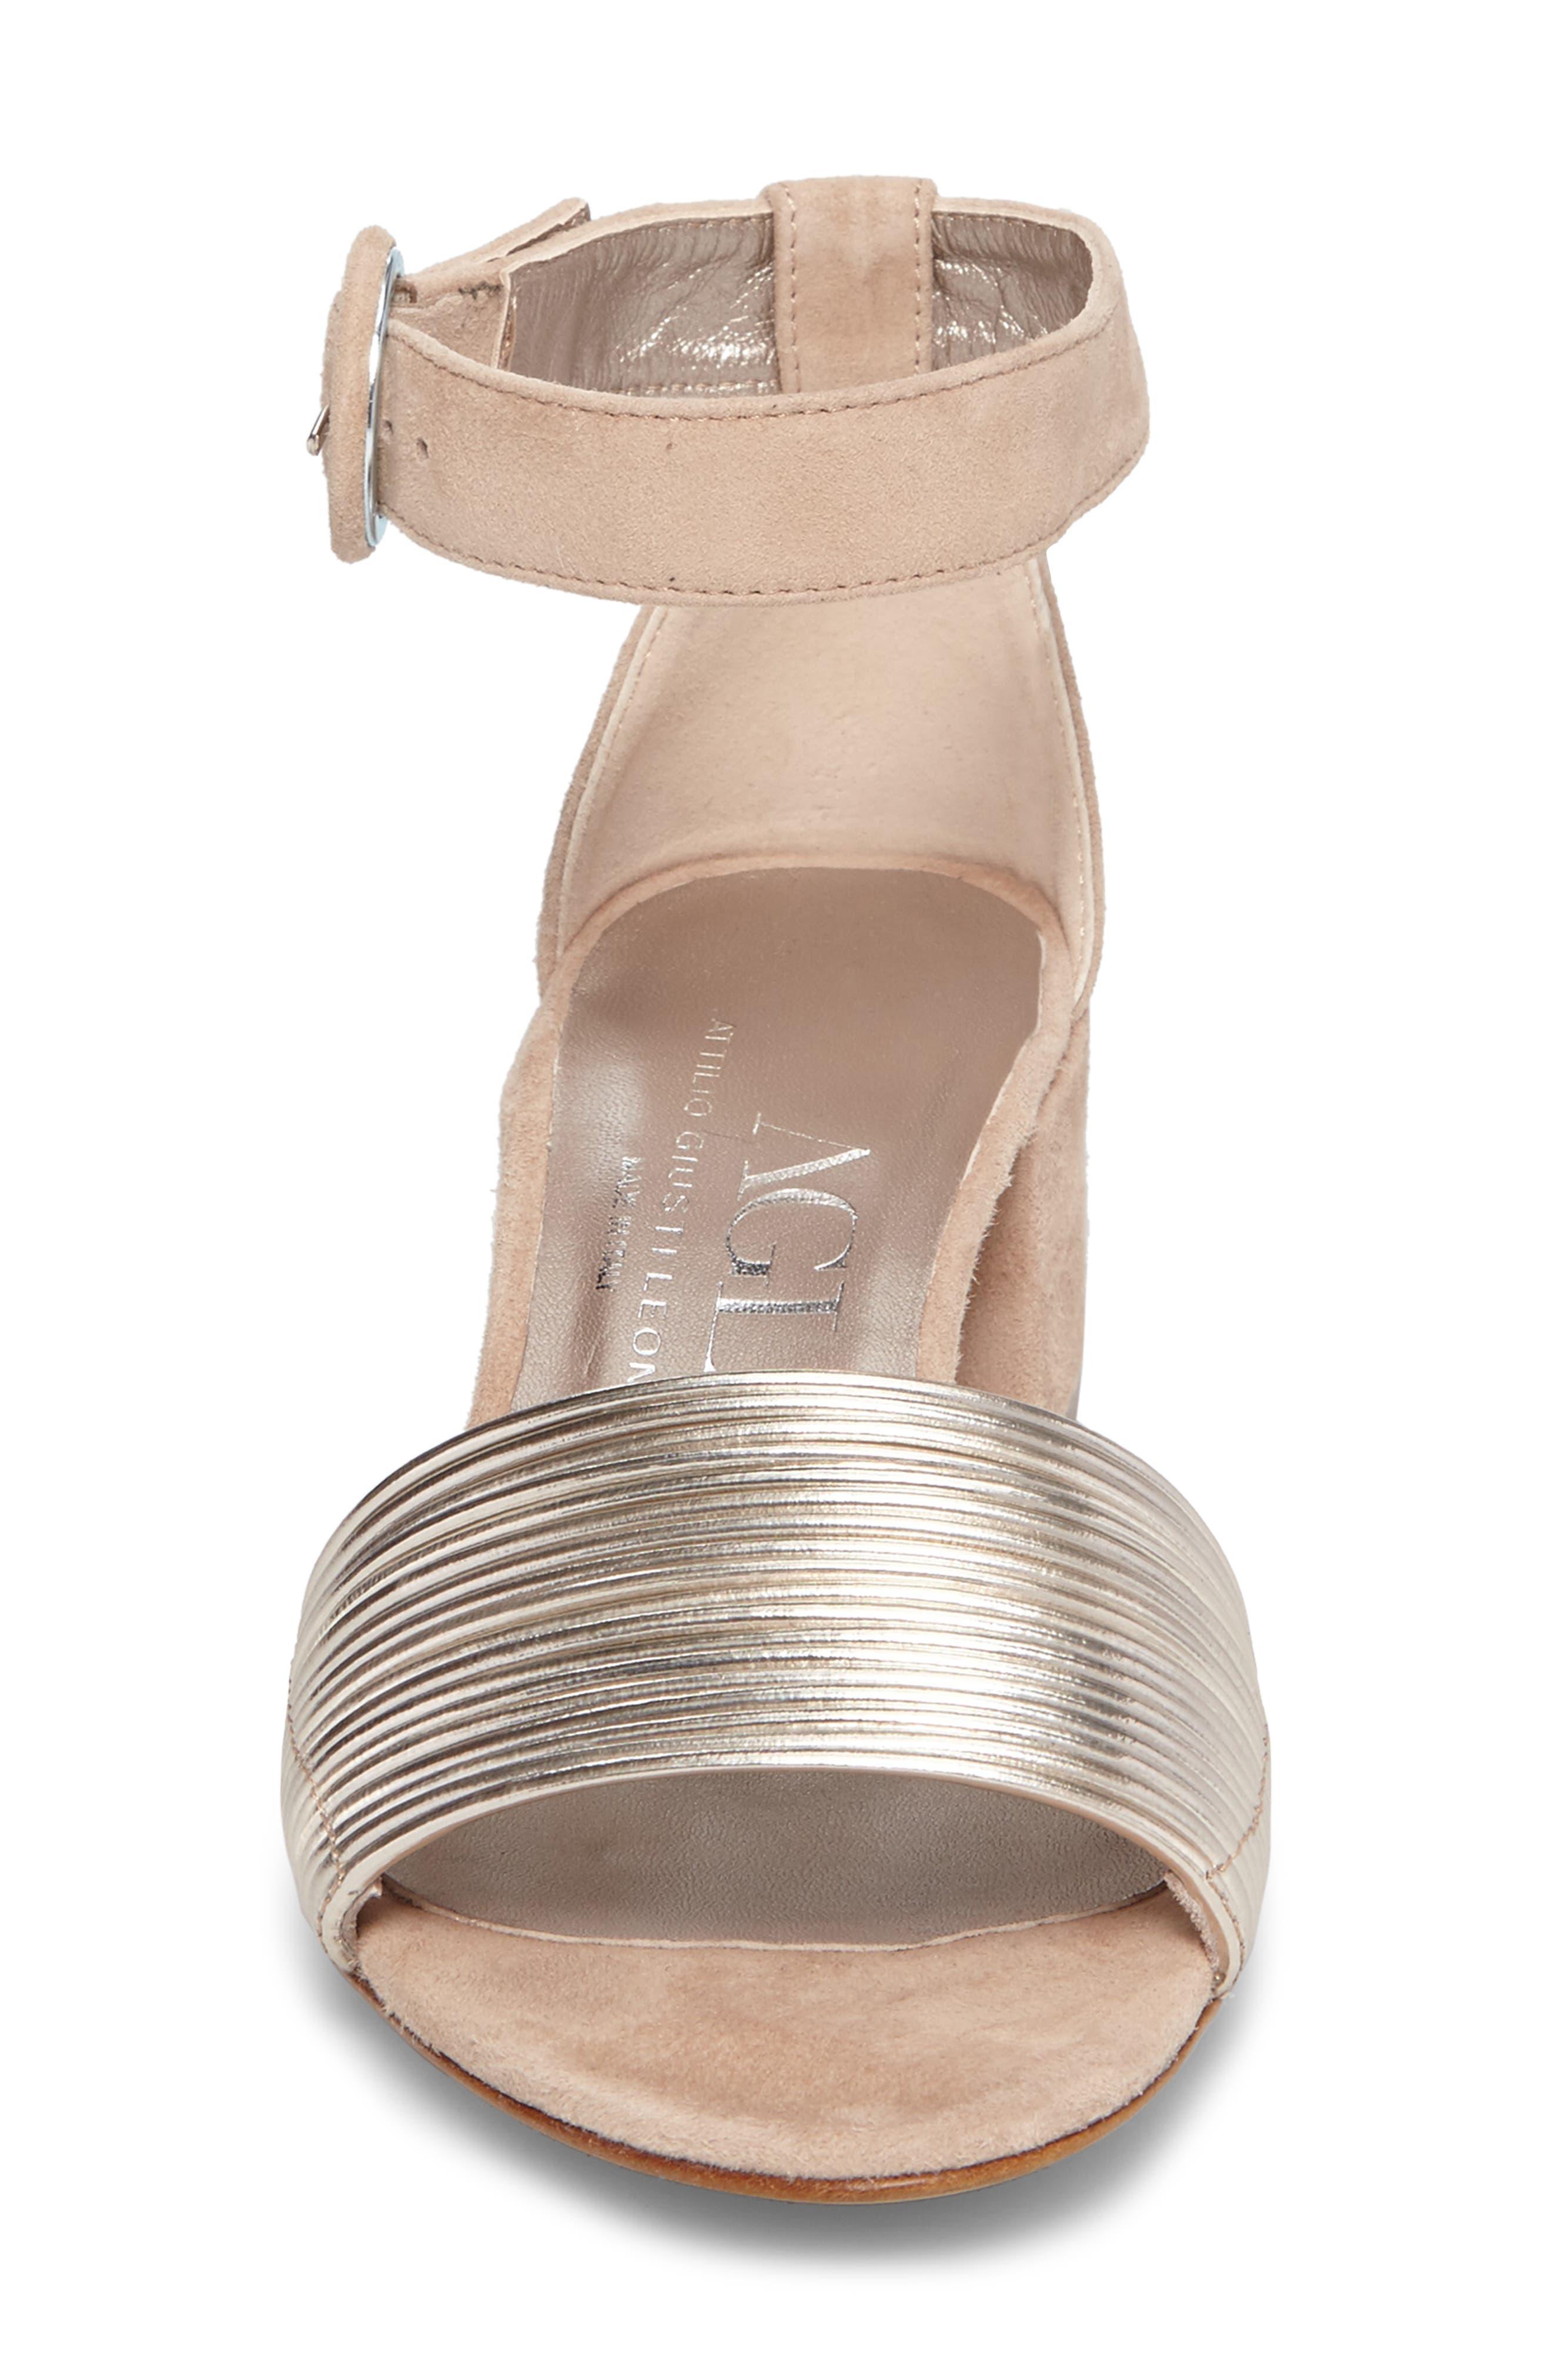 Ankle Strap Sandal,                             Alternate thumbnail 4, color,                             PLATINUM SUEDE